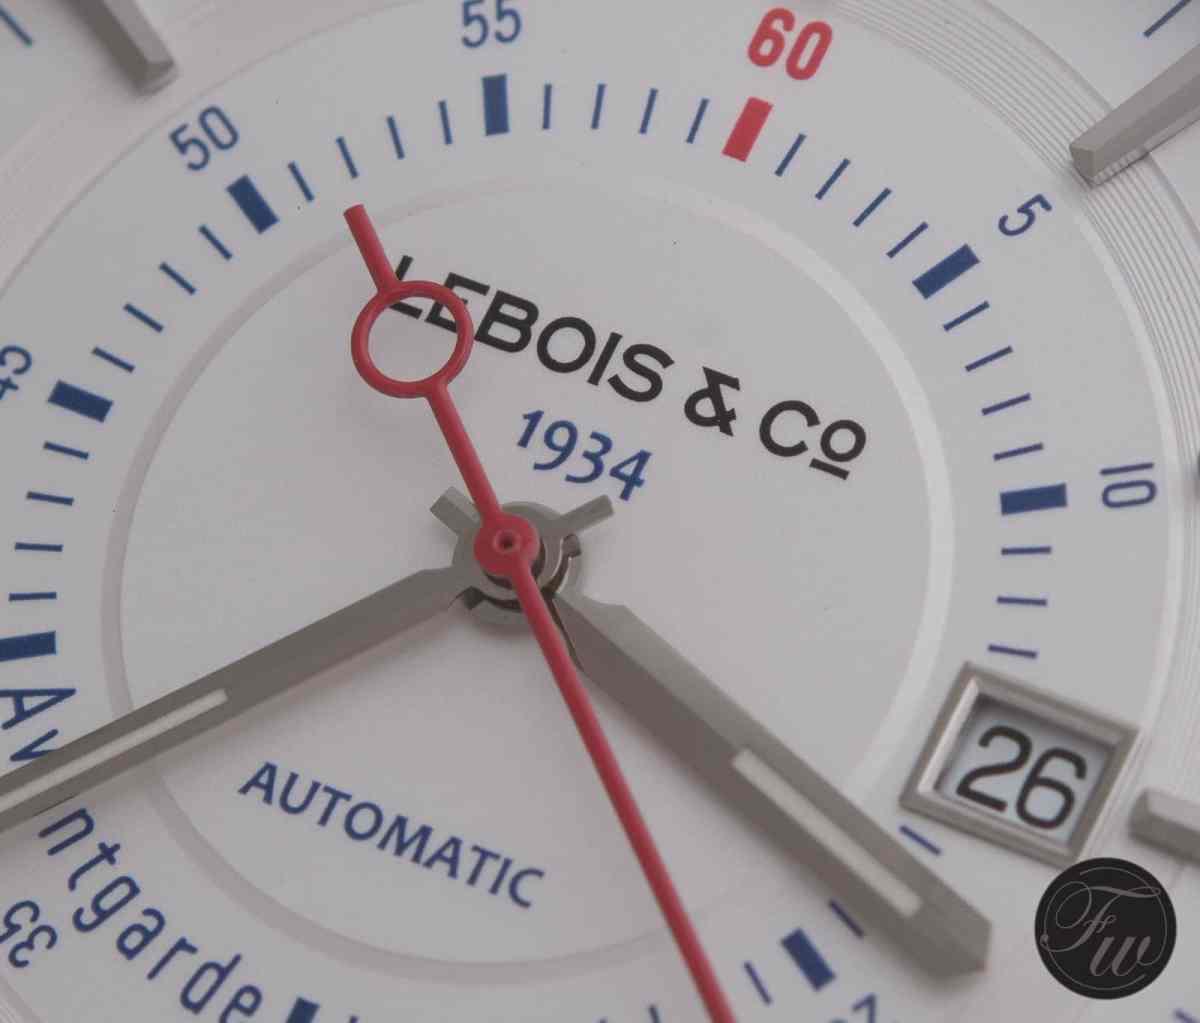 Lebois & Co Avantgarde Date